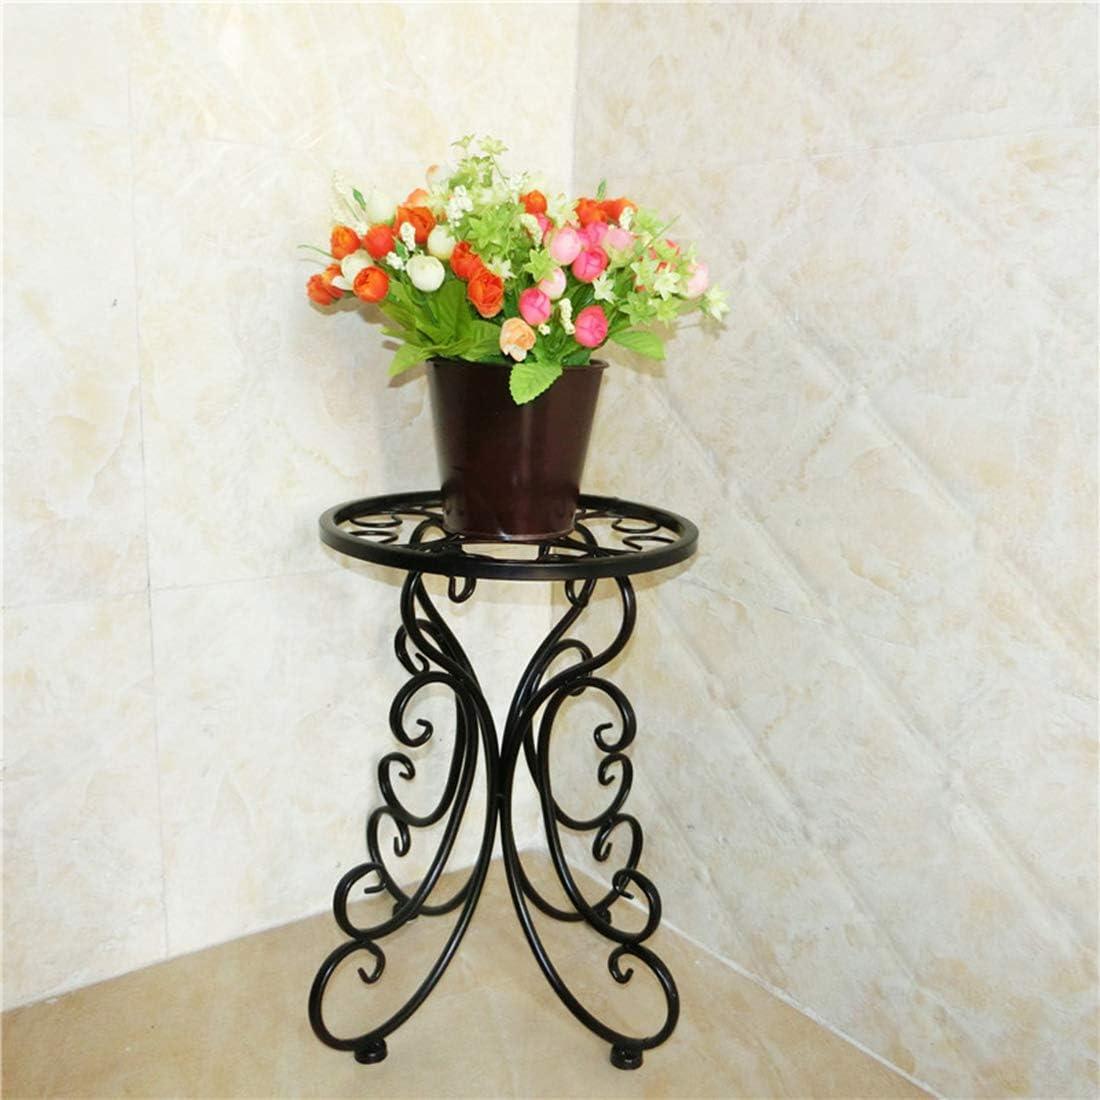 LuoKe /Étag/ère /à Fleurs Support /à Plantes monocouche en Fer forg/é Support de Fleurs au Sol Balcon Salon Pot de Fleur /étag/ère